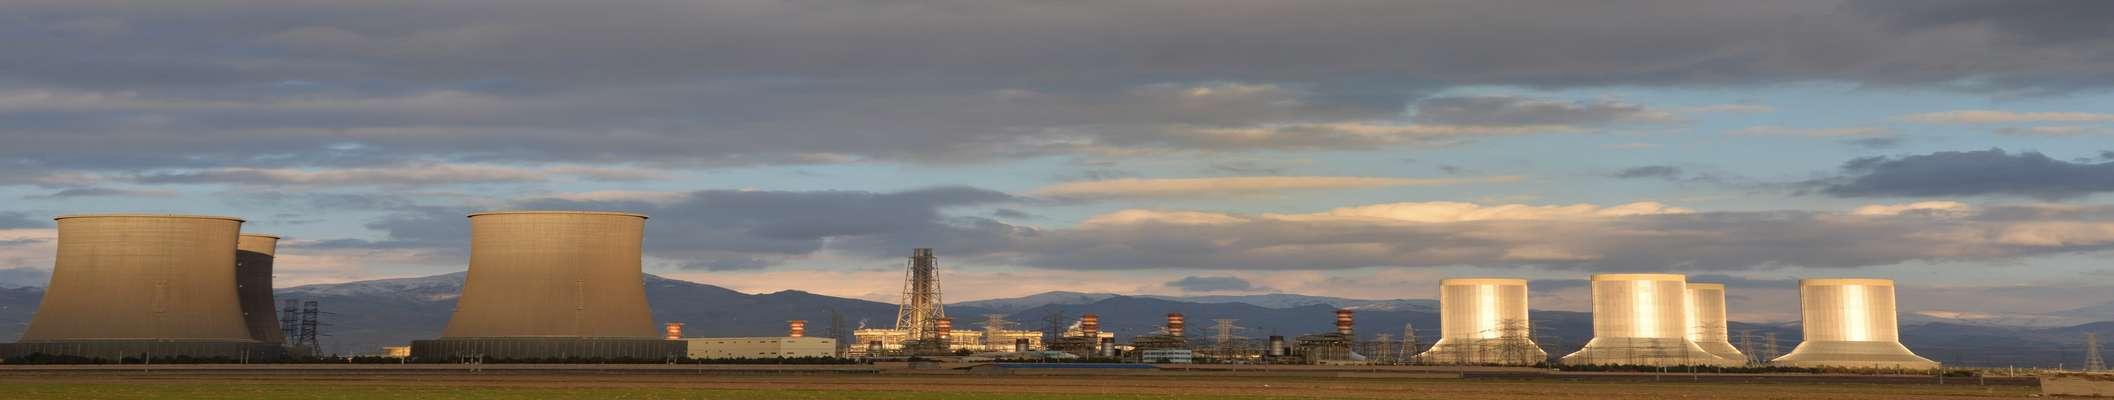 از سوی متخصصان تعمیرات الکتریک نیروگاه شهیدرجایی قزوین در حال انجام است؛ تعمیرات مربوط به تجهیزات الکتریکی واحد شماره یک گازی